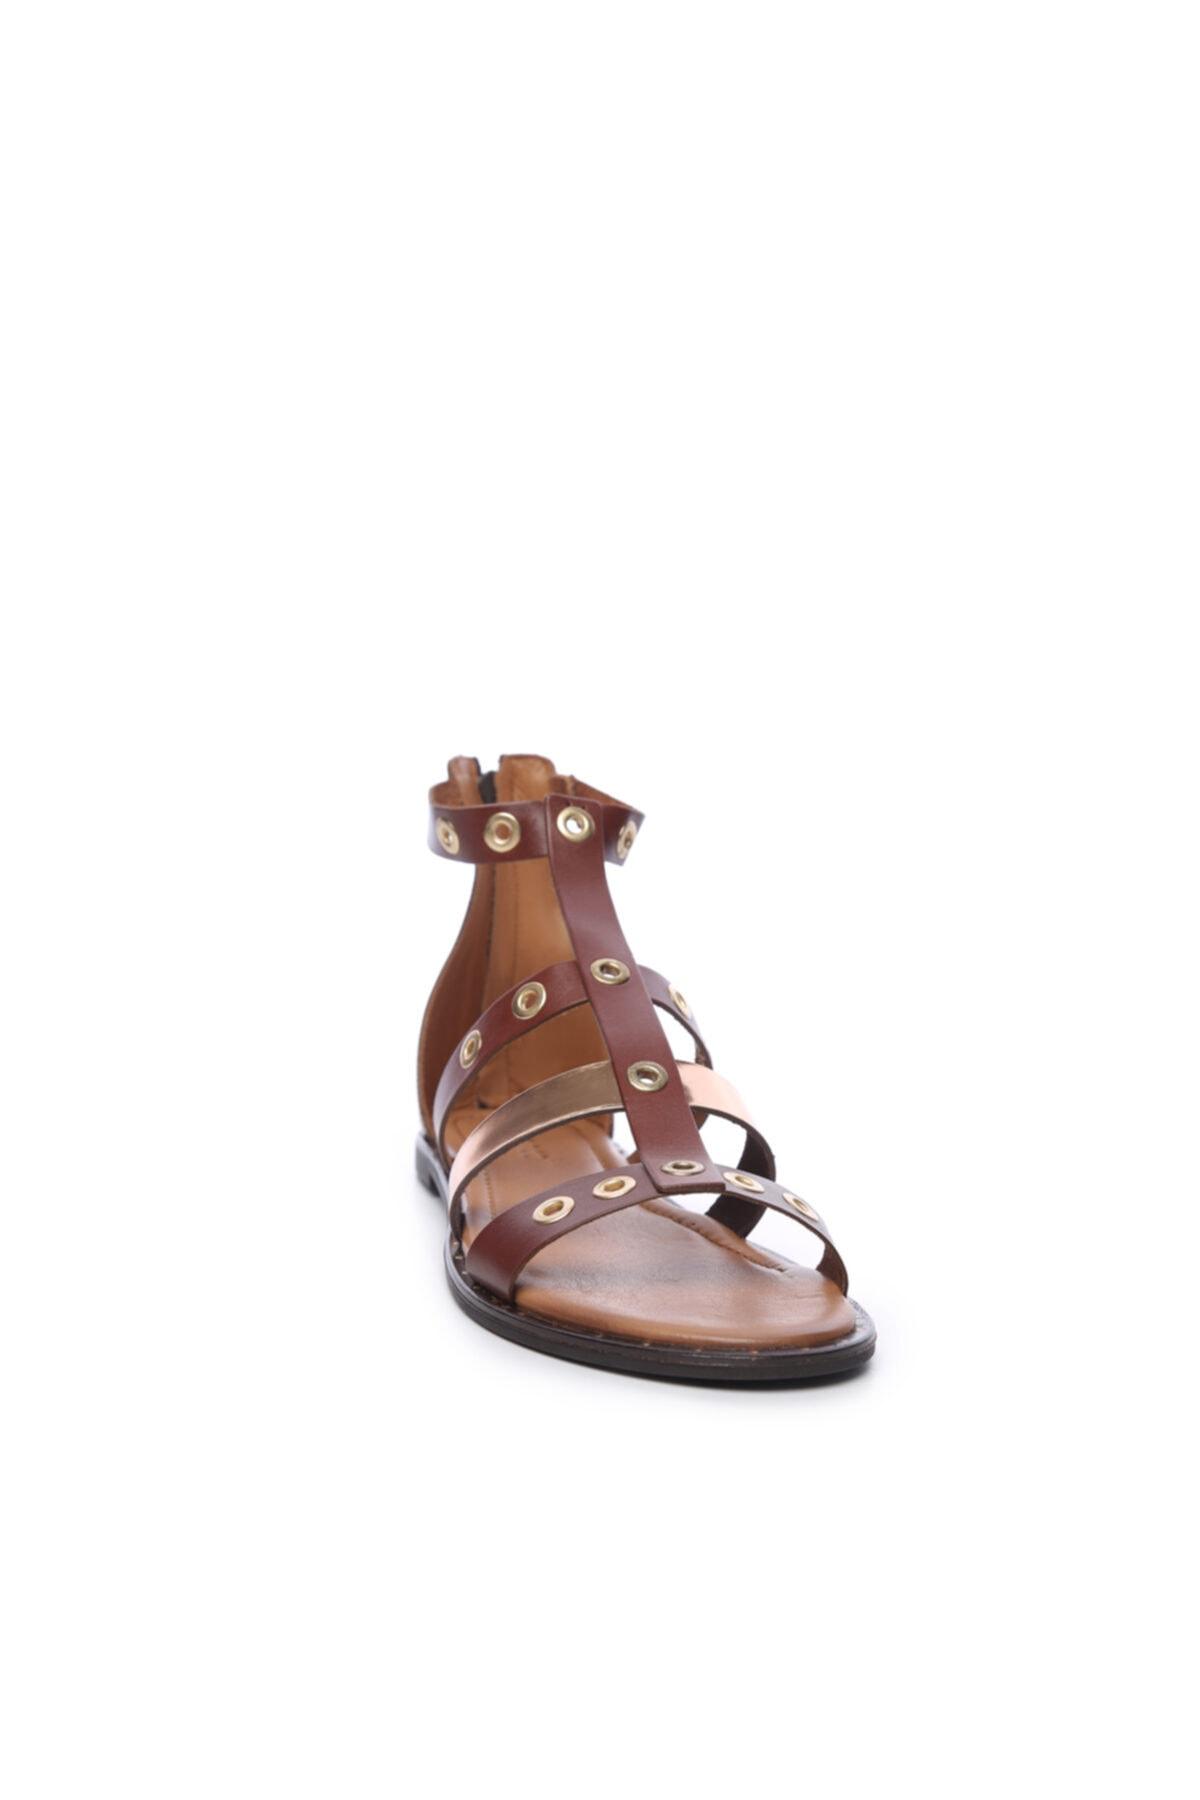 KEMAL TANCA Kadın Derı Sandalet Sandalet 169 7280 Bn Sndlt 2